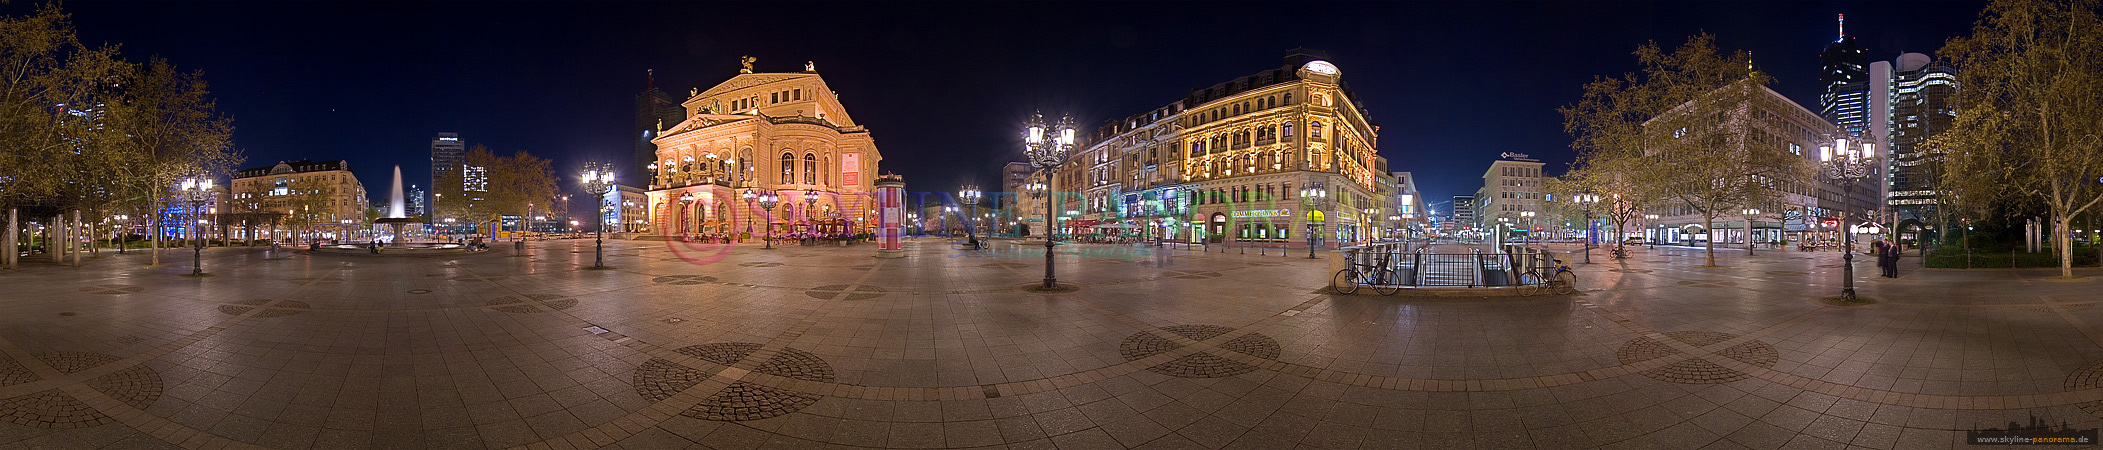 Frankfurt Innenstadt - Der Opernplatz mit der historischen Alten Oper als 360° Panorama in der Nacht fotografiert.